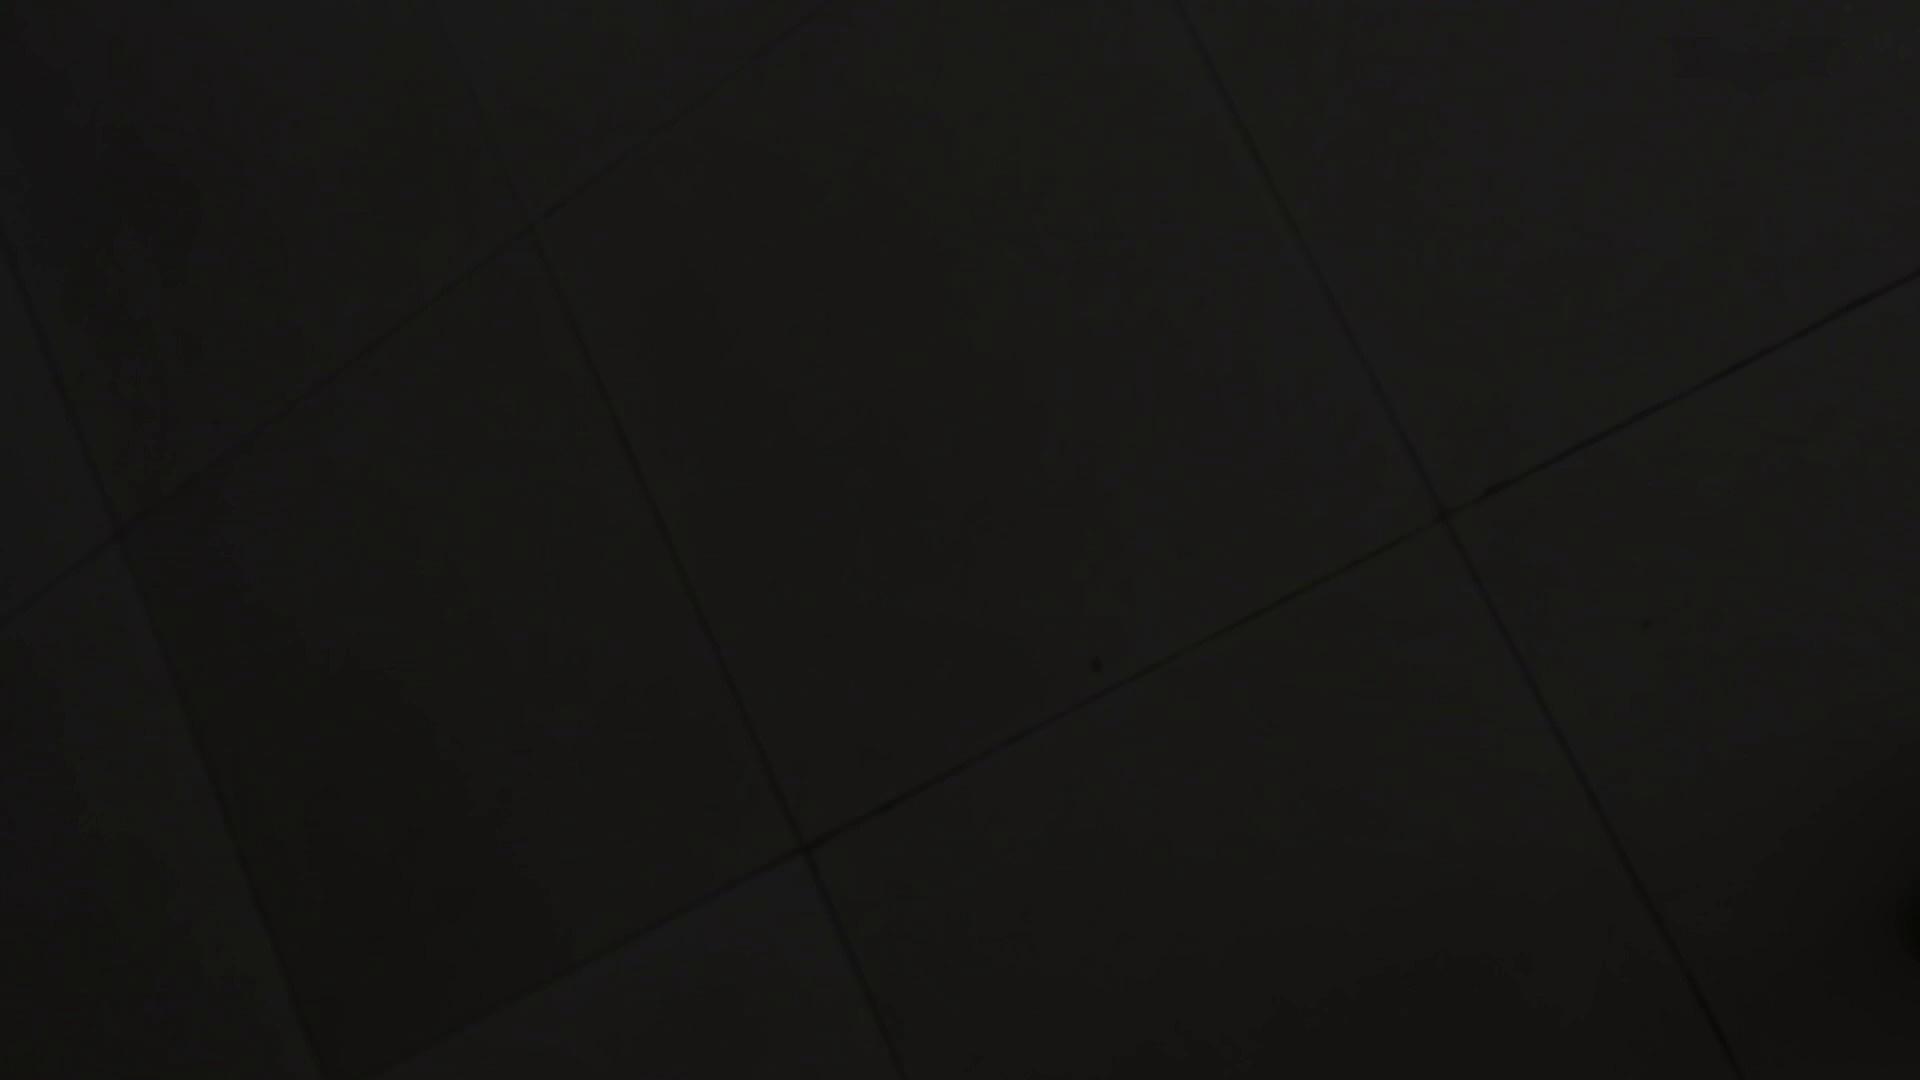 芸術大学ガチ潜入盗撮 JD盗撮 美女の洗面所の秘密 Vol.92 高画質 | ギャル攻め  56画像 34